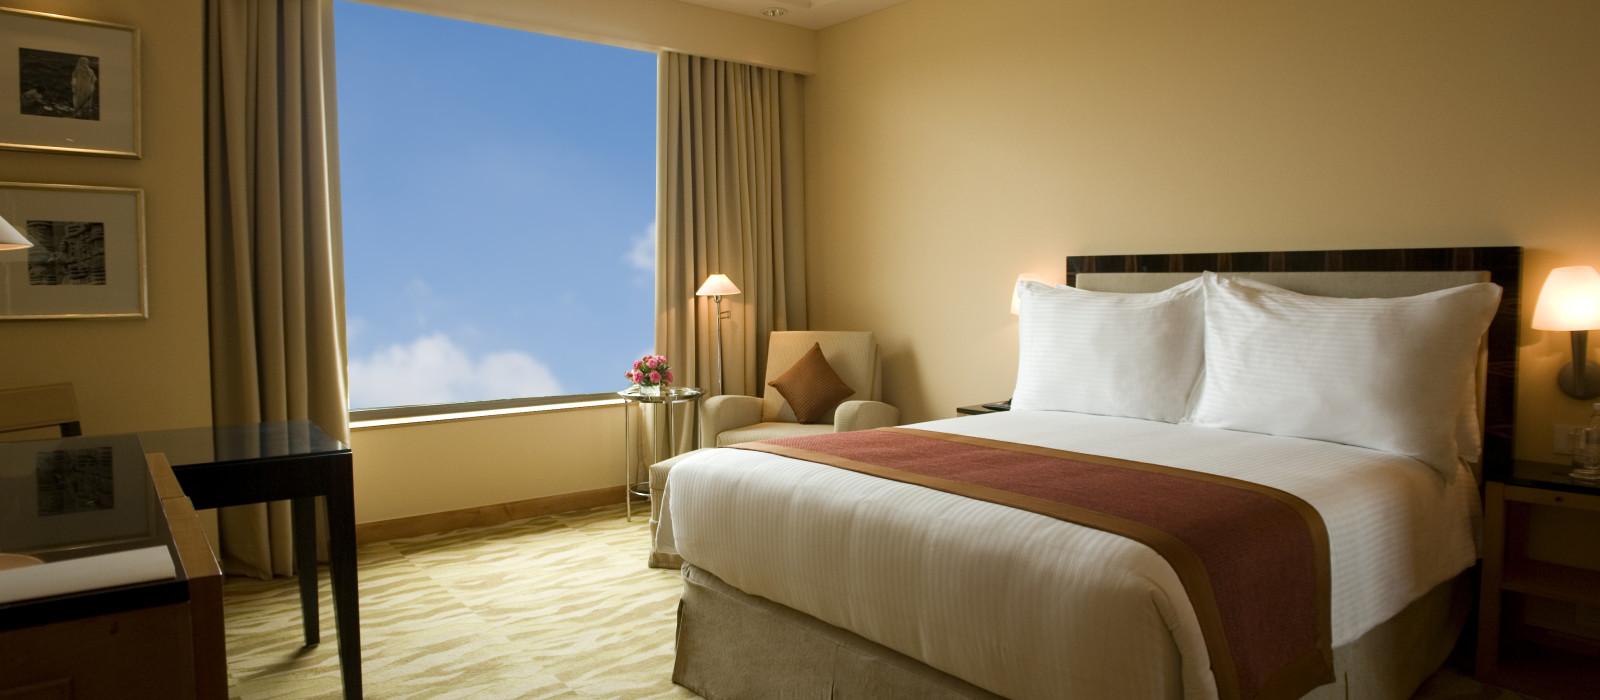 Hotel The Grand New Delhi North India